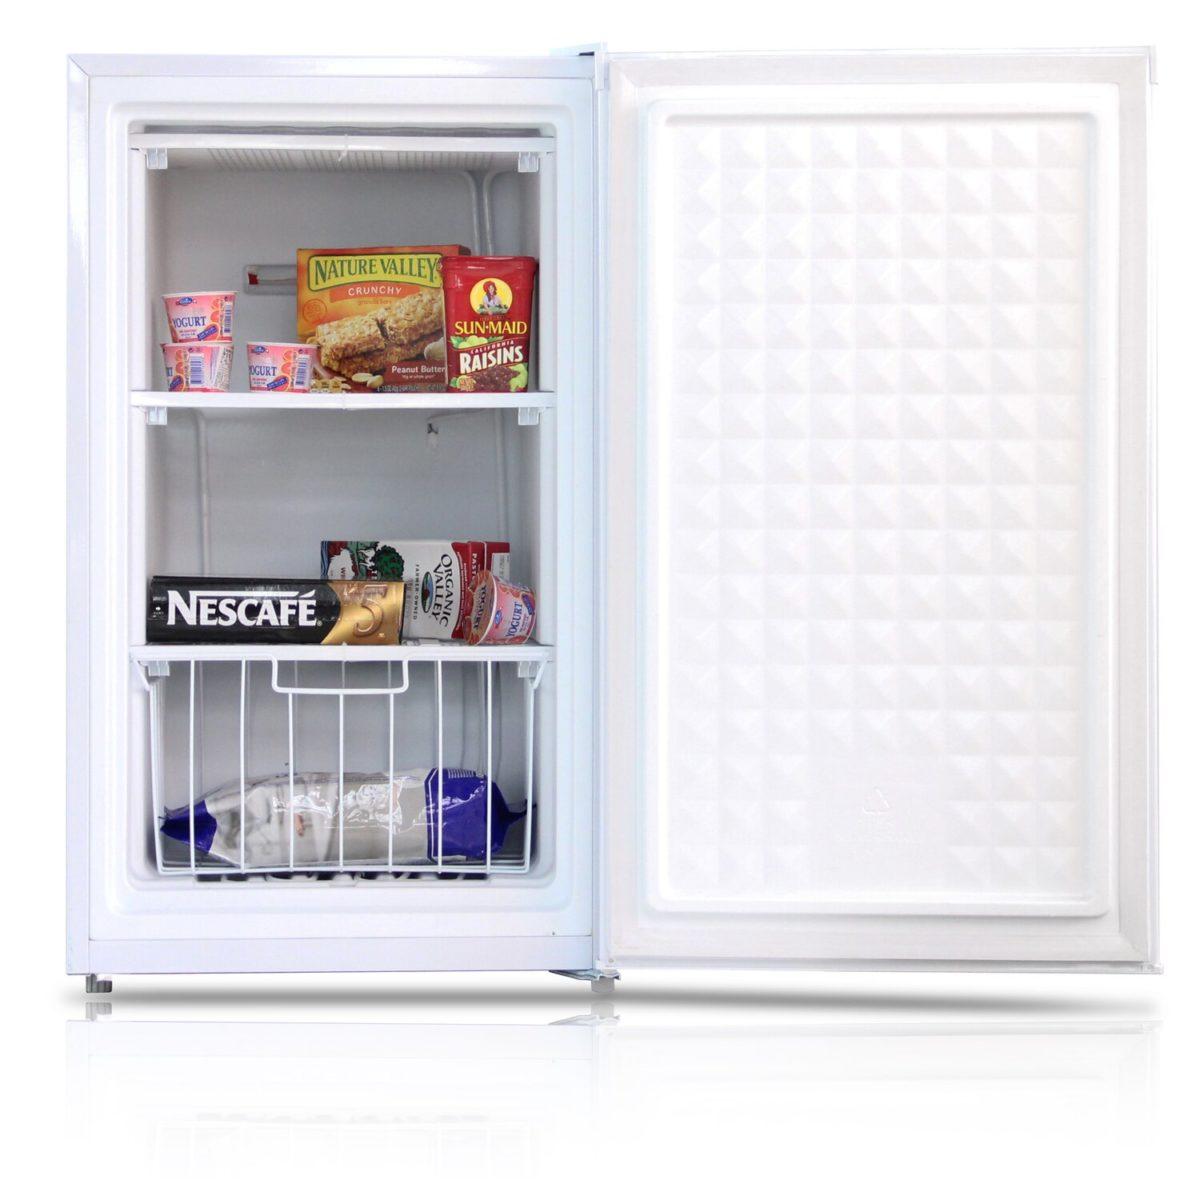 migliore-congelatore-2